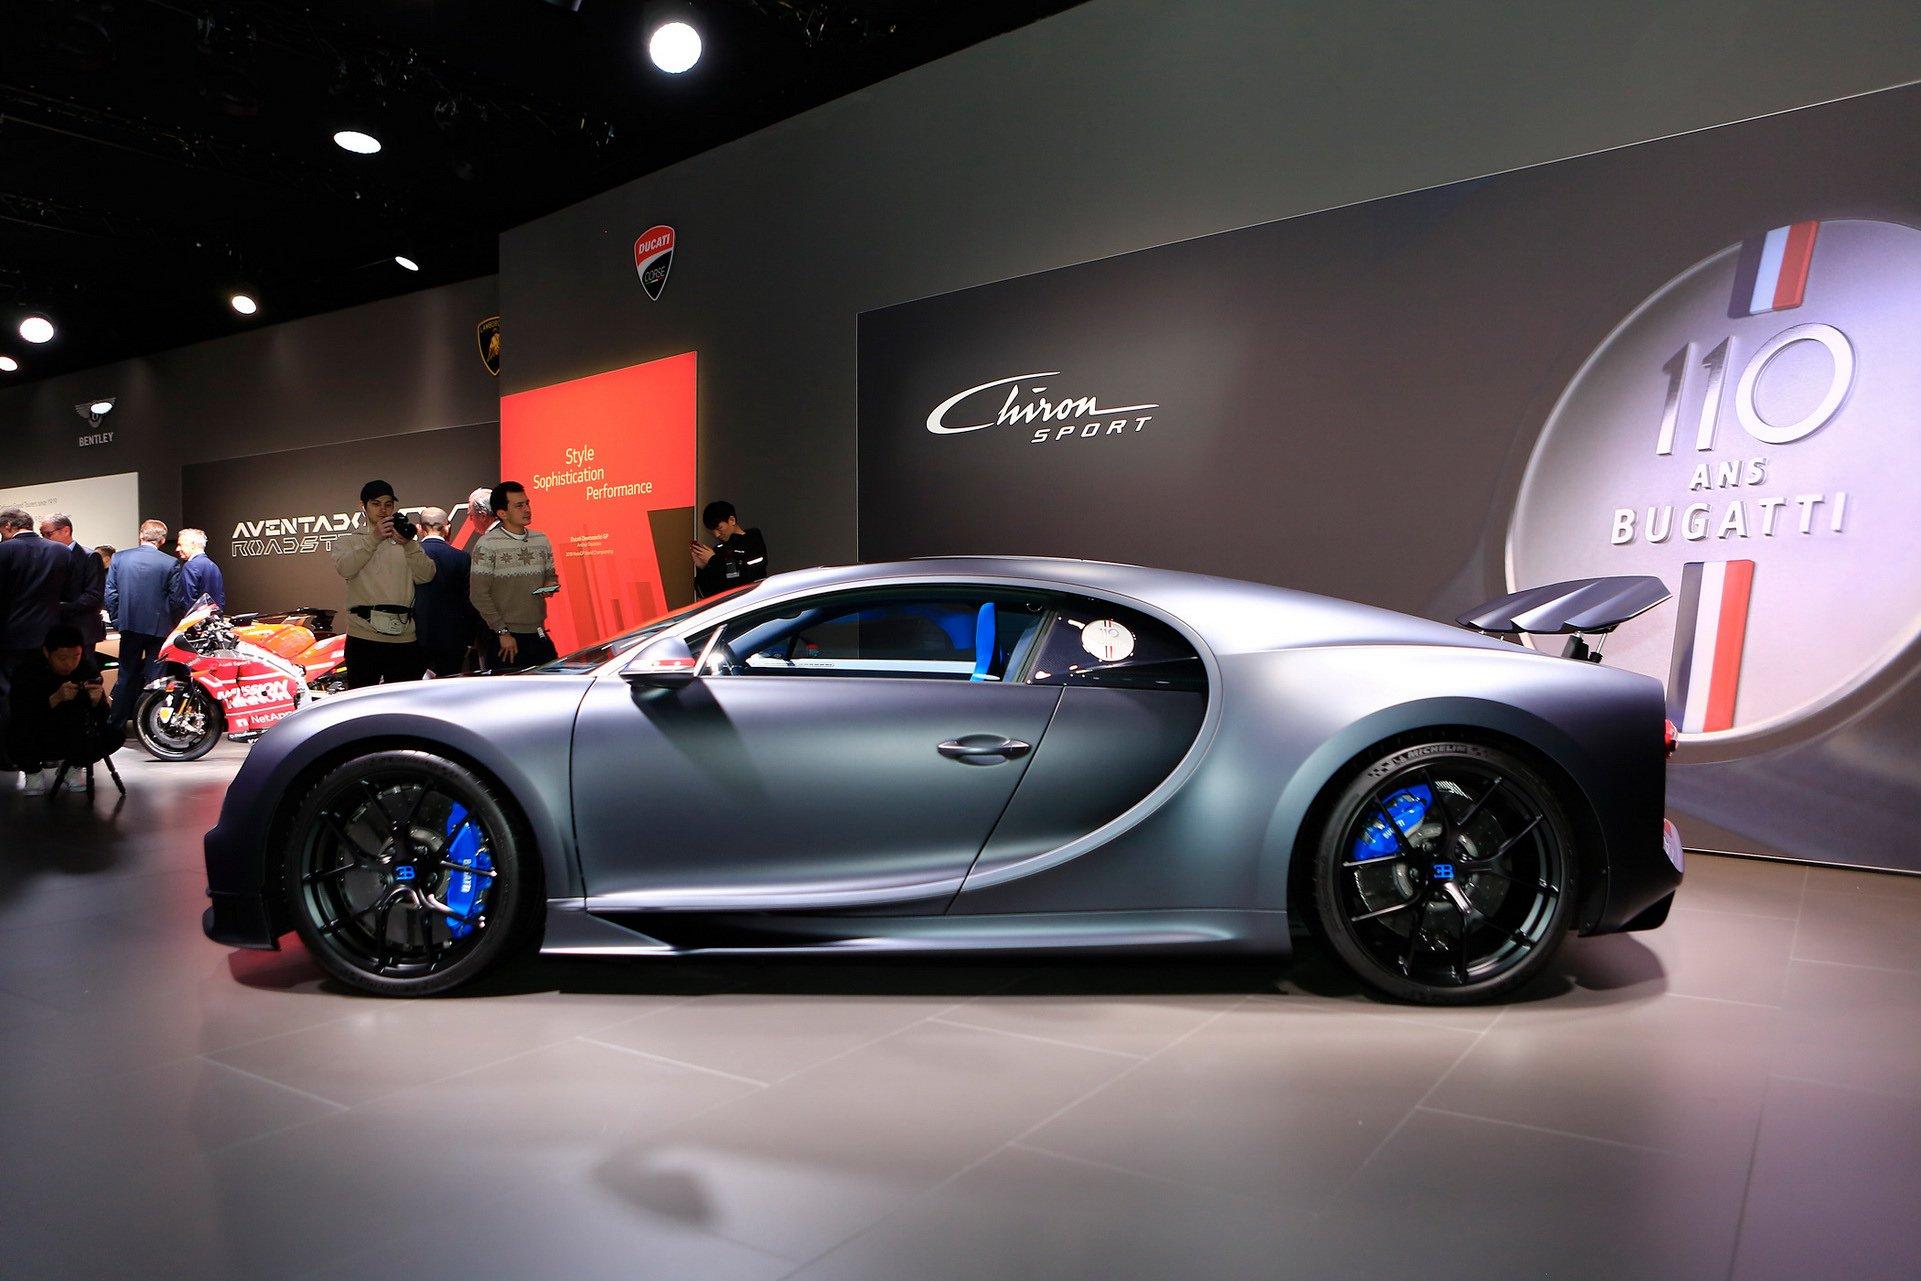 1faf452f-bugatti-chiron-sport-110-ans-5.jpg